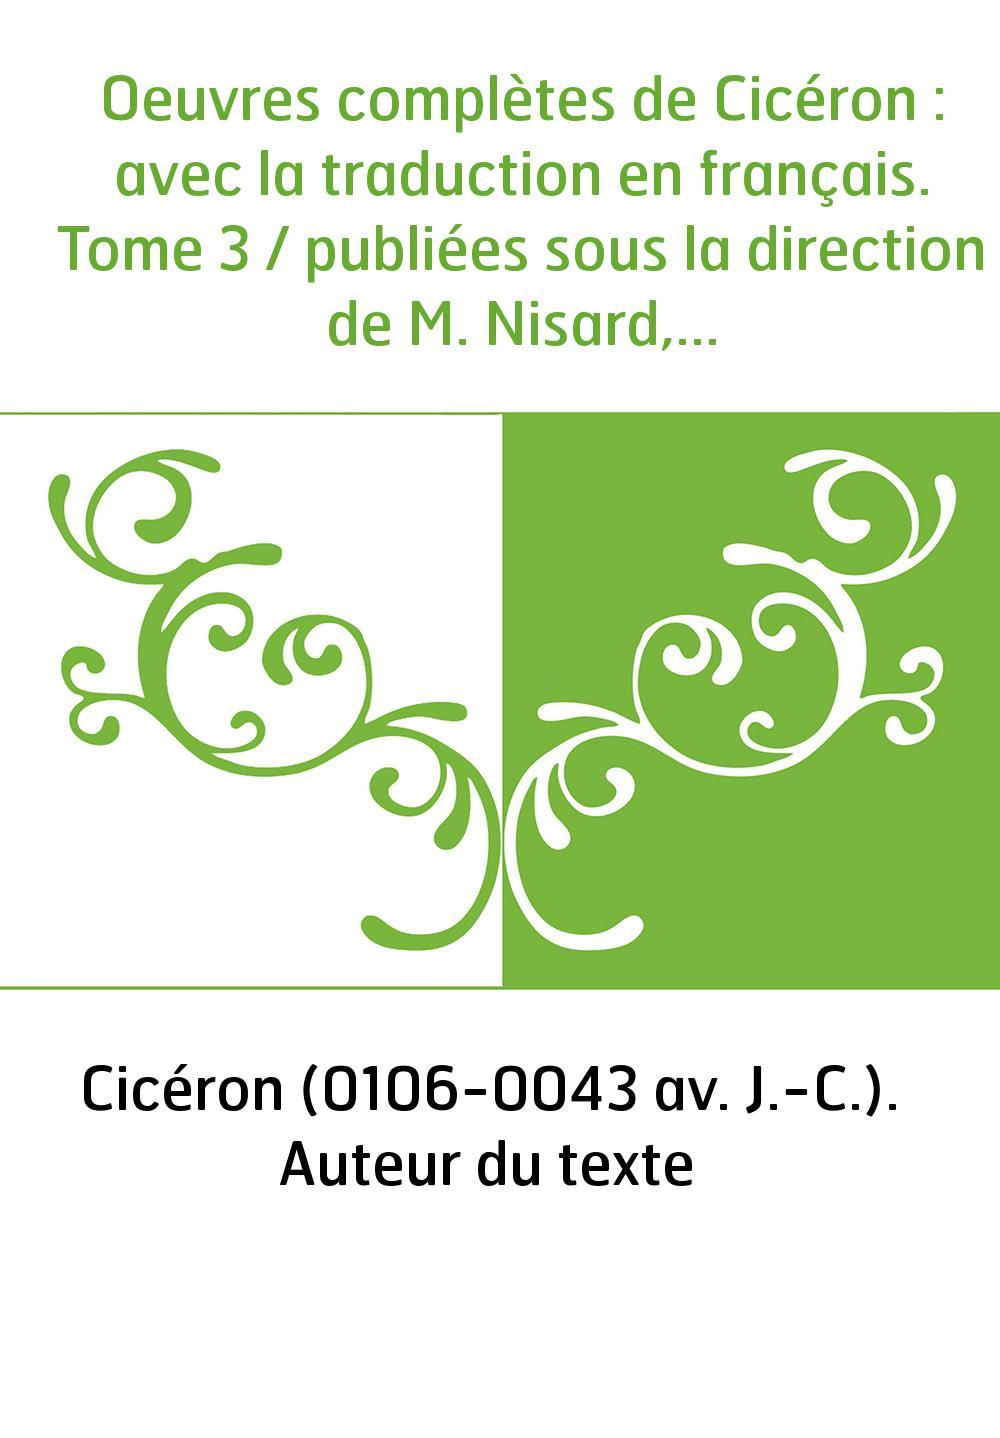 Oeuvres complètes de Cicéron : avec la traduction en français. Tome 3 / publiées sous la direction de M. Nisard,...